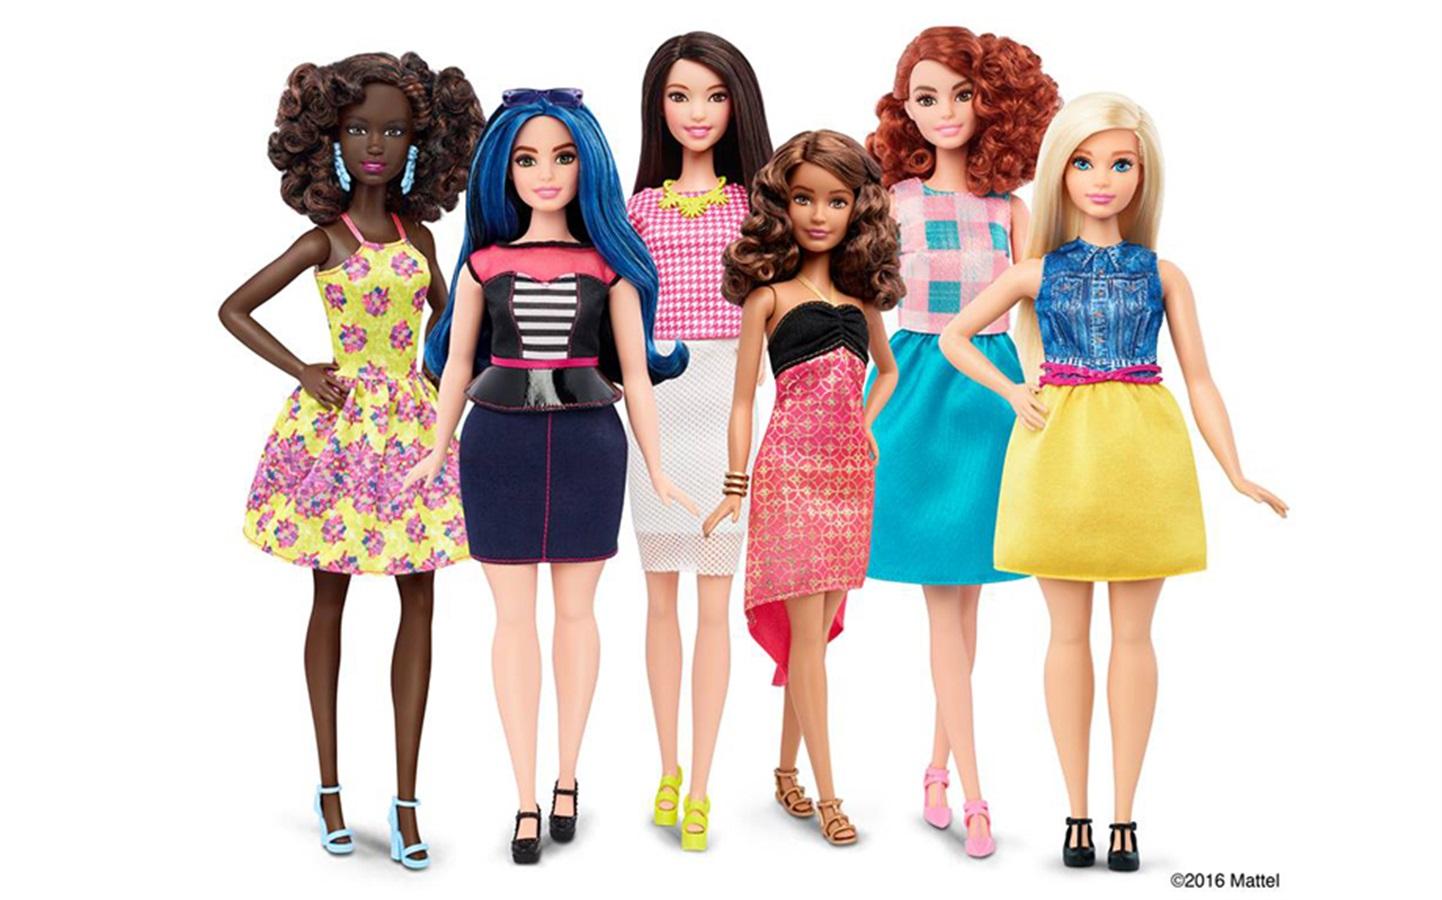 2016 01 29 nuove barbie karotina integrazione curvy polemiche